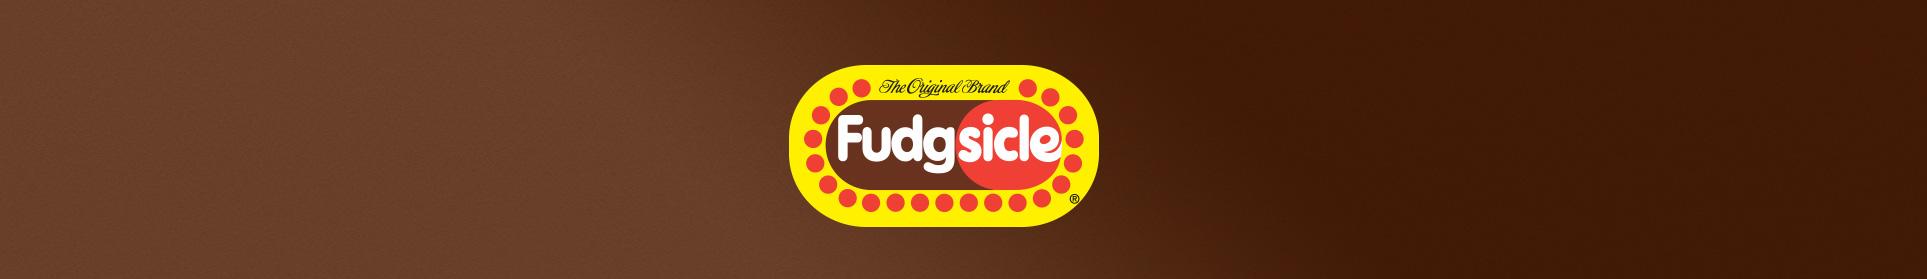 Fudgsicle® Pops